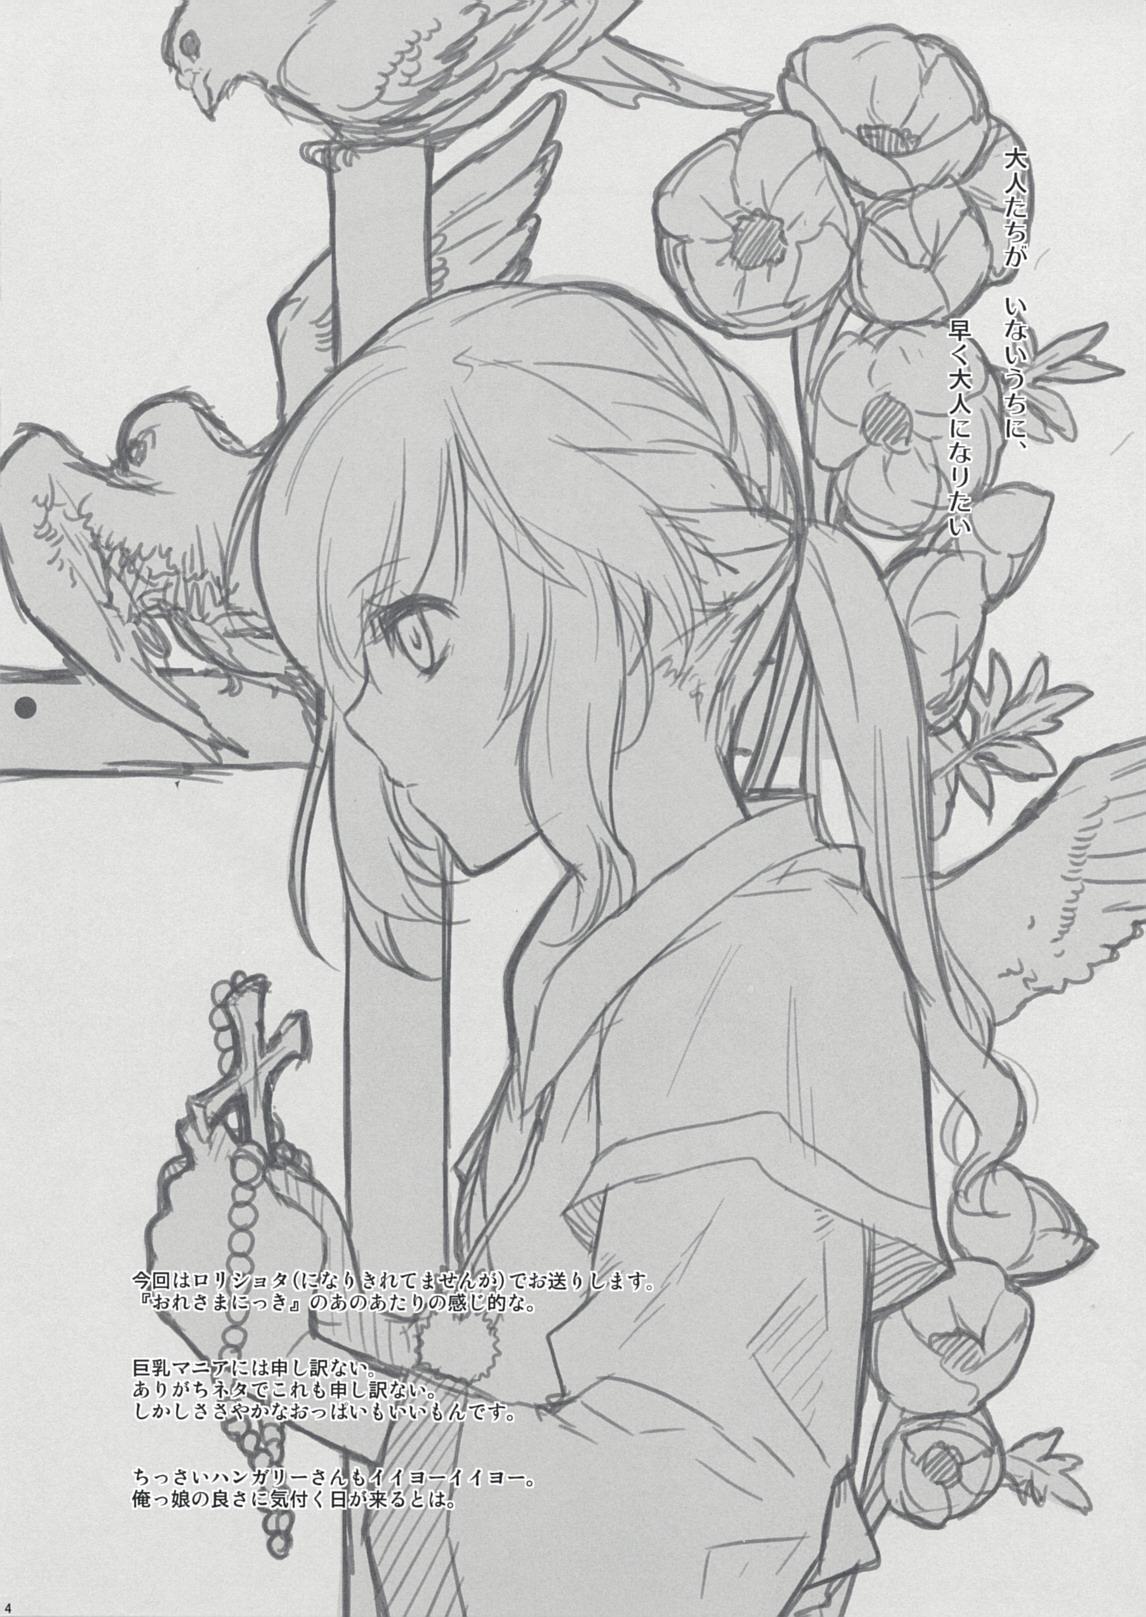 Hajimete no Orosuban 3